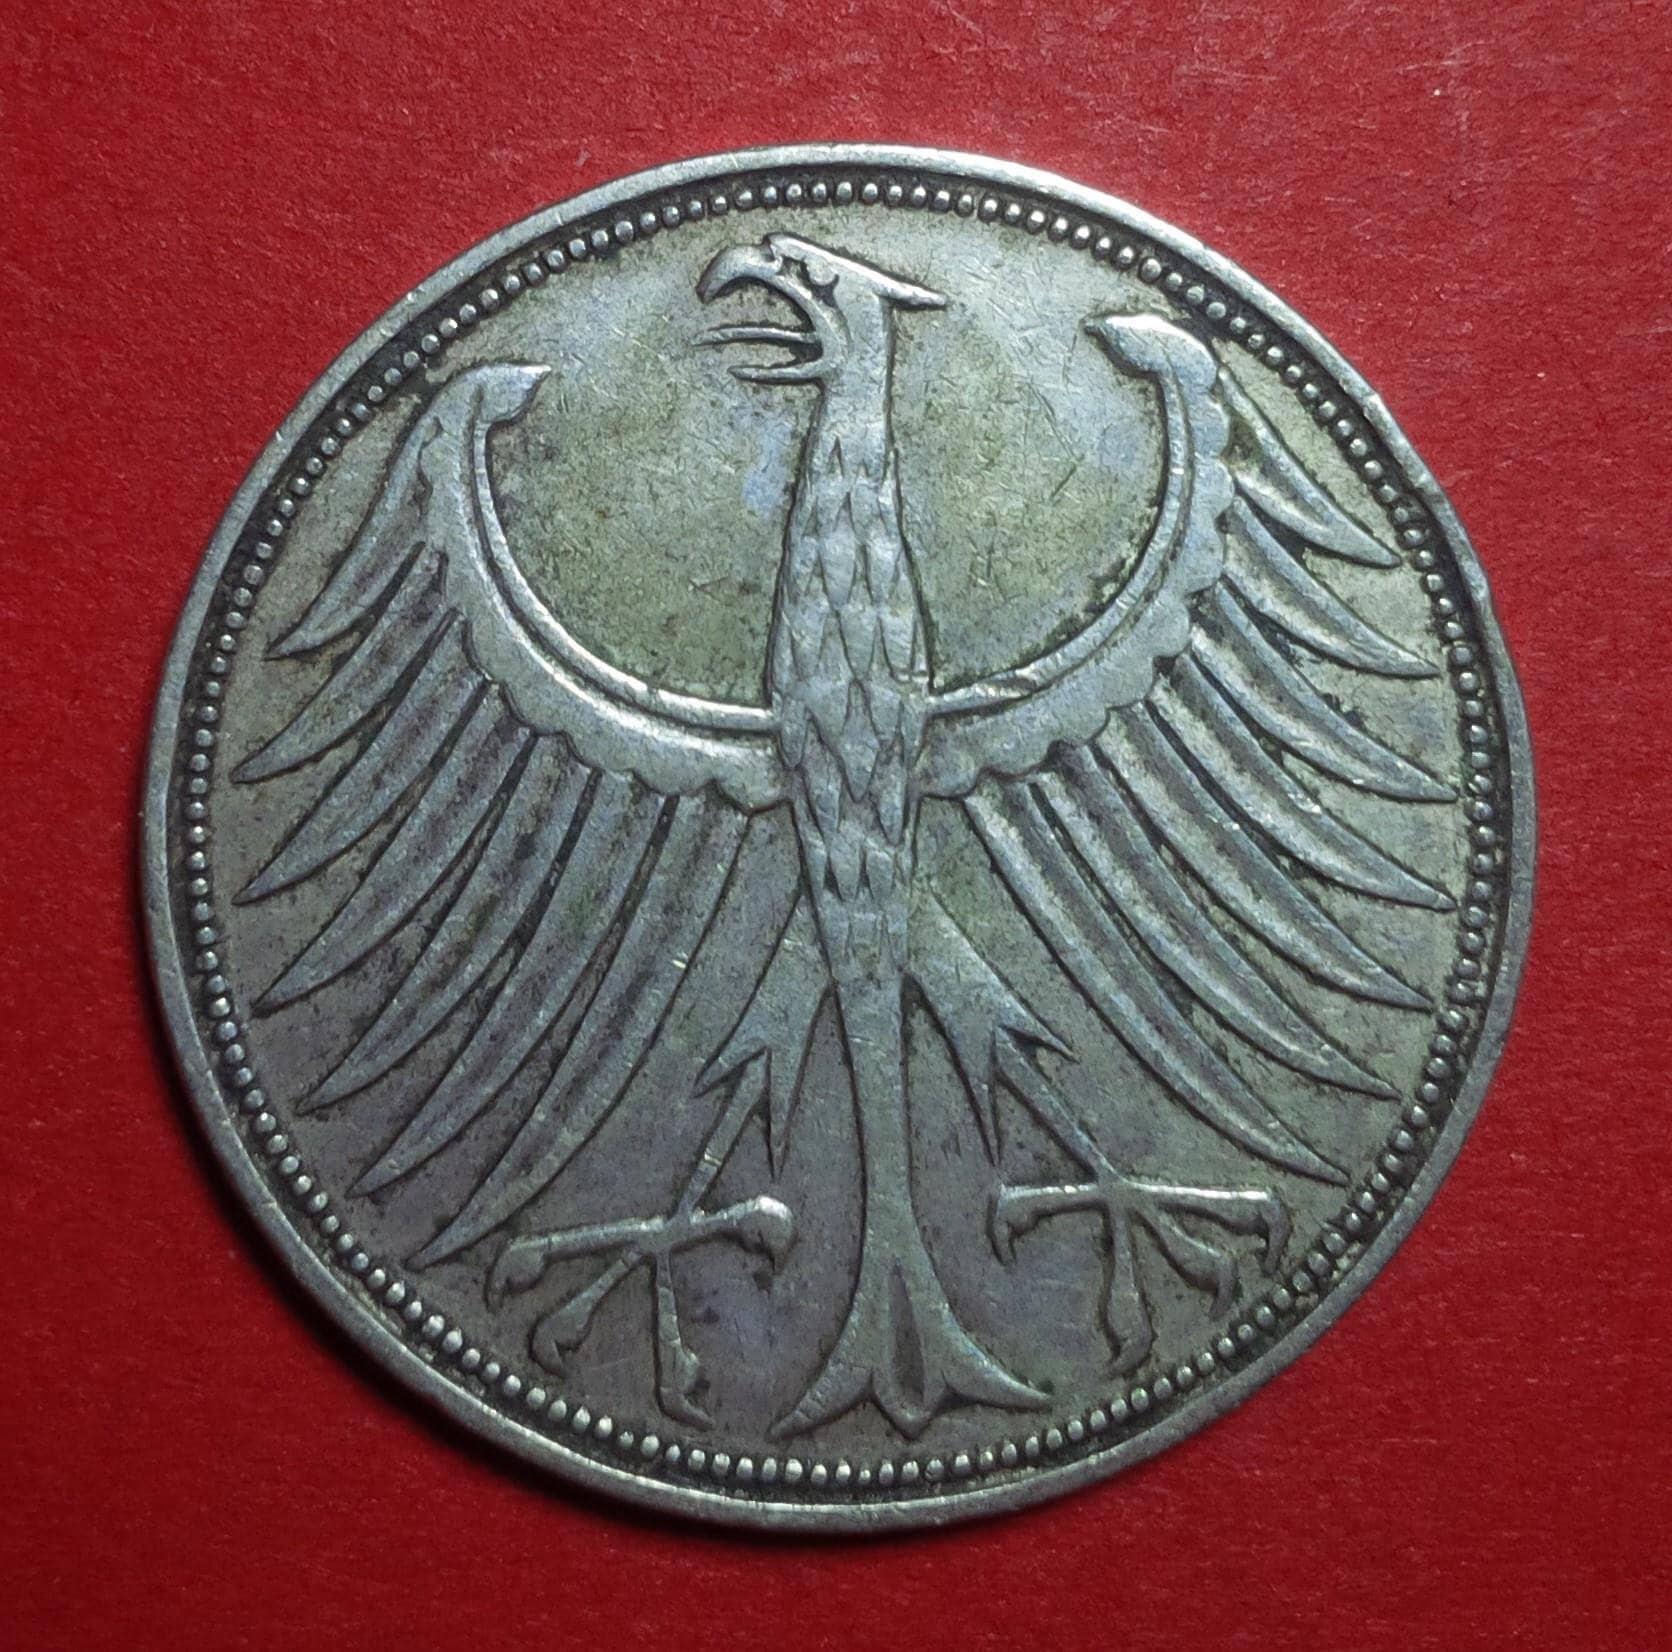 5 Mark Deutsche German Coin 1951 G